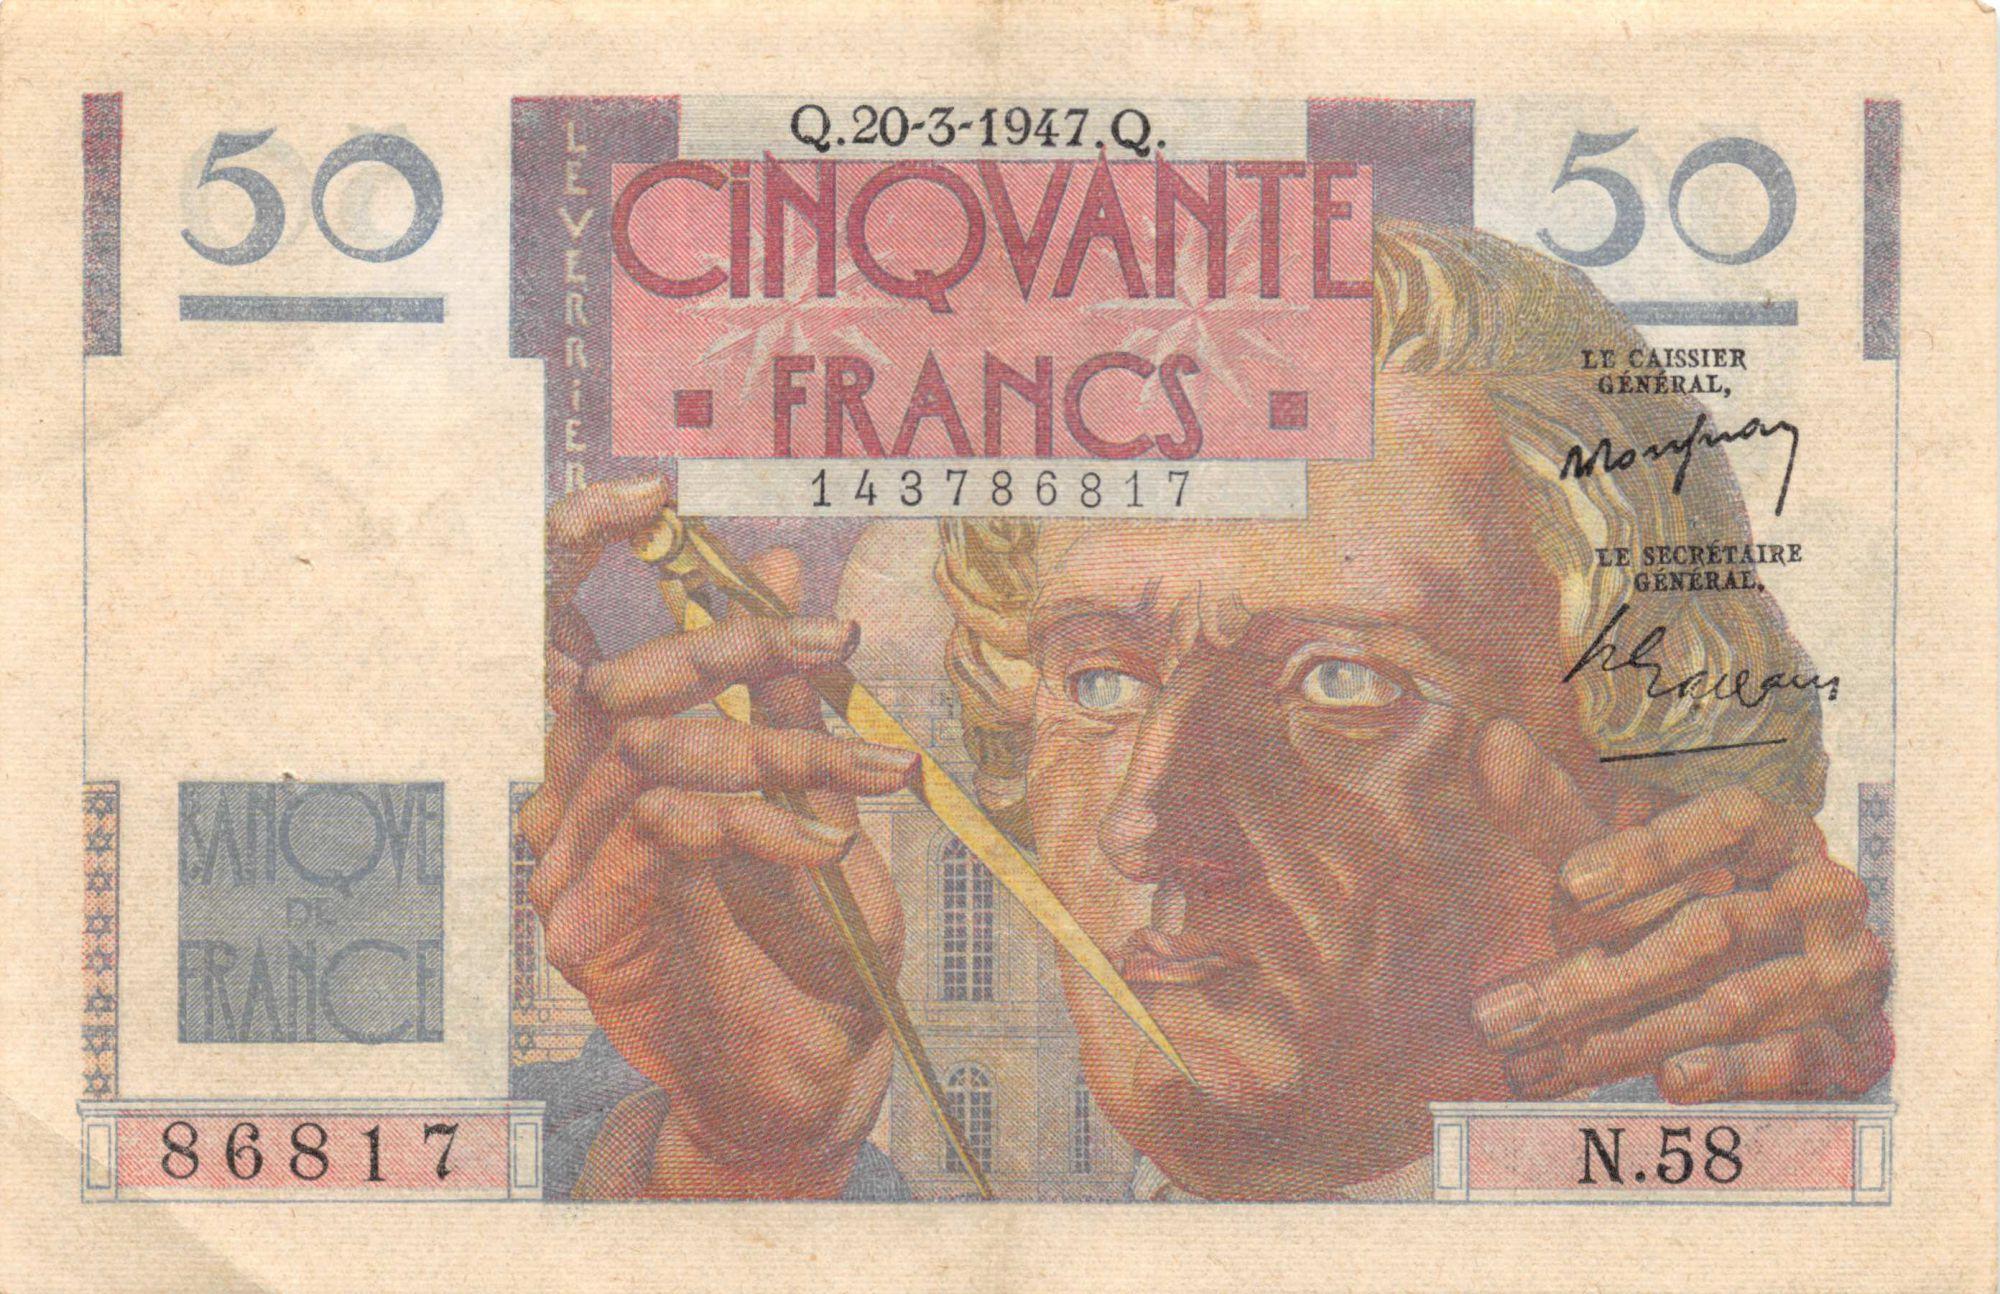 France 50 Francs - Le Verrier 20-03-1947 - Série N.58 - TTB